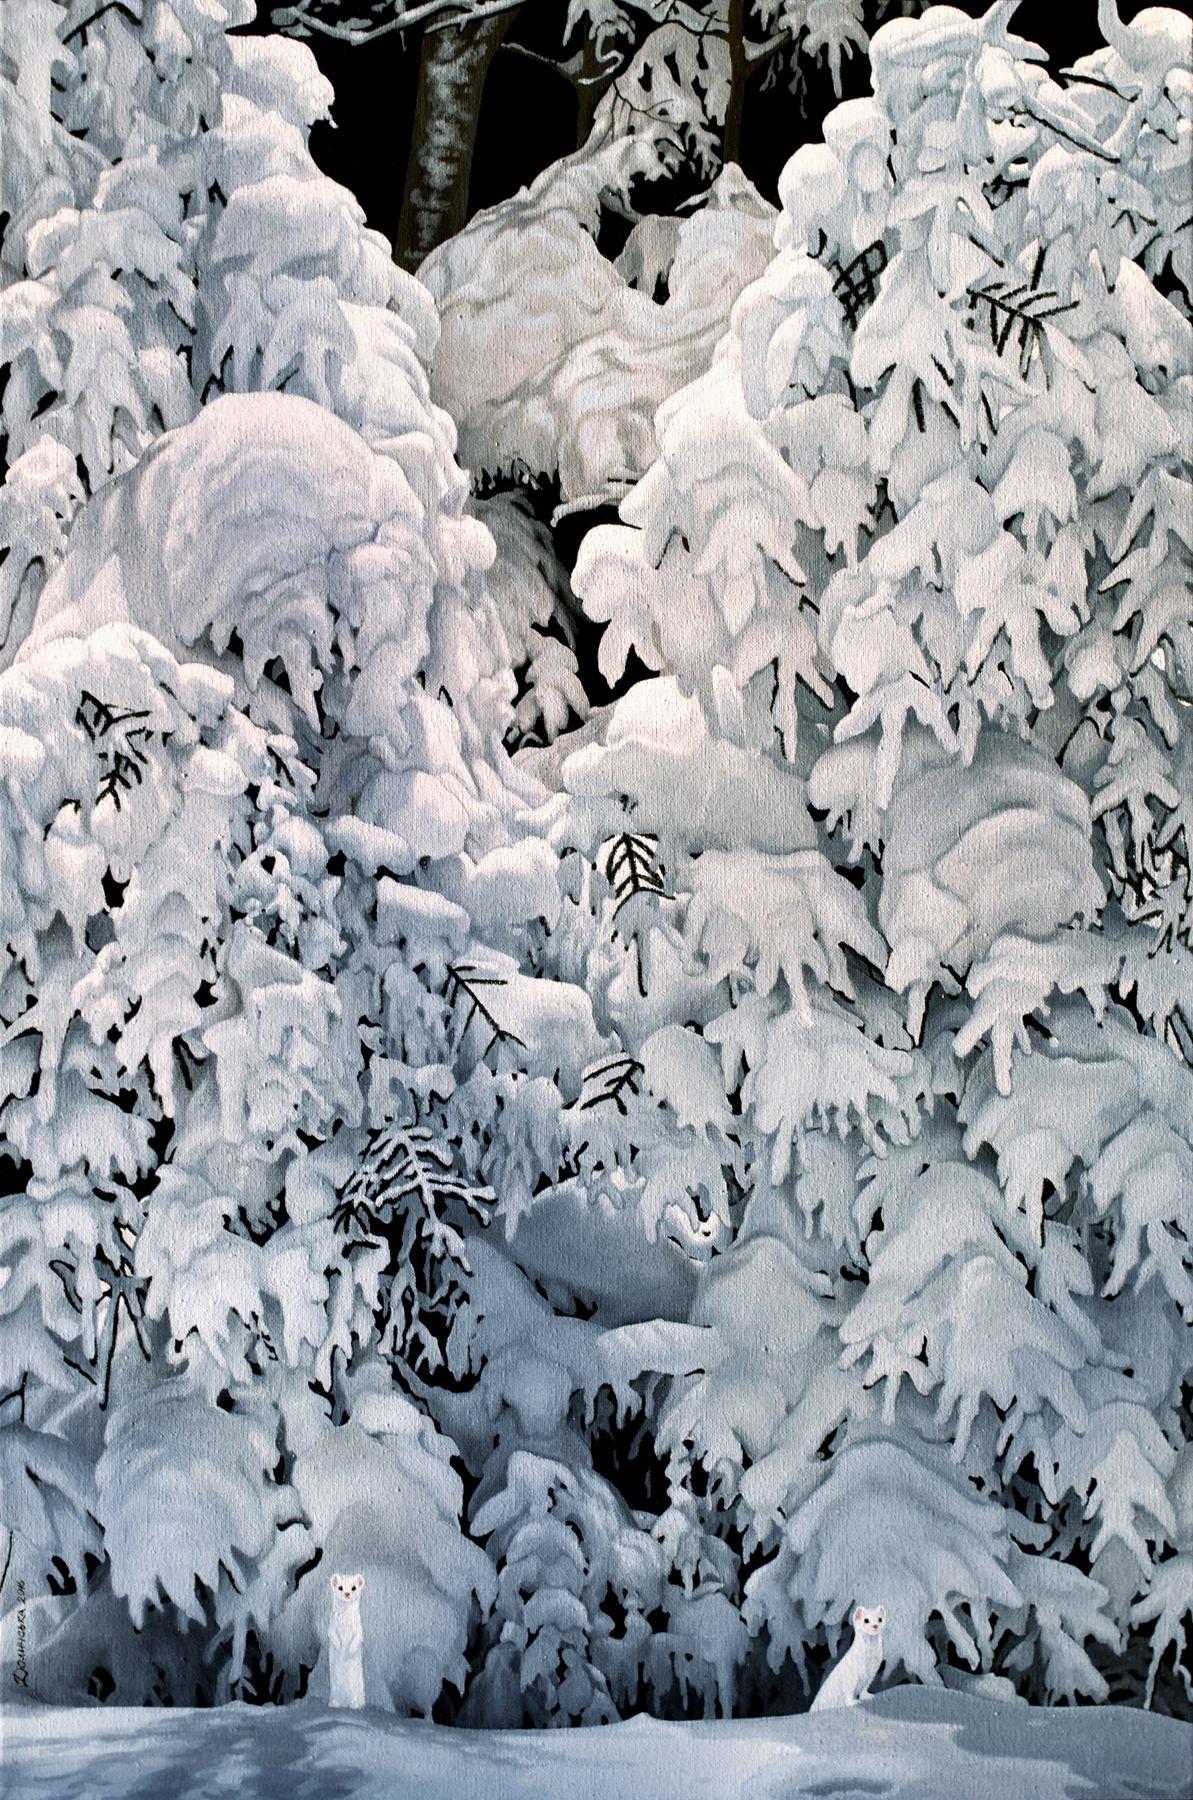 Юлія Долинська. Синій синій синій тінь день сніг, 2016; 45х30